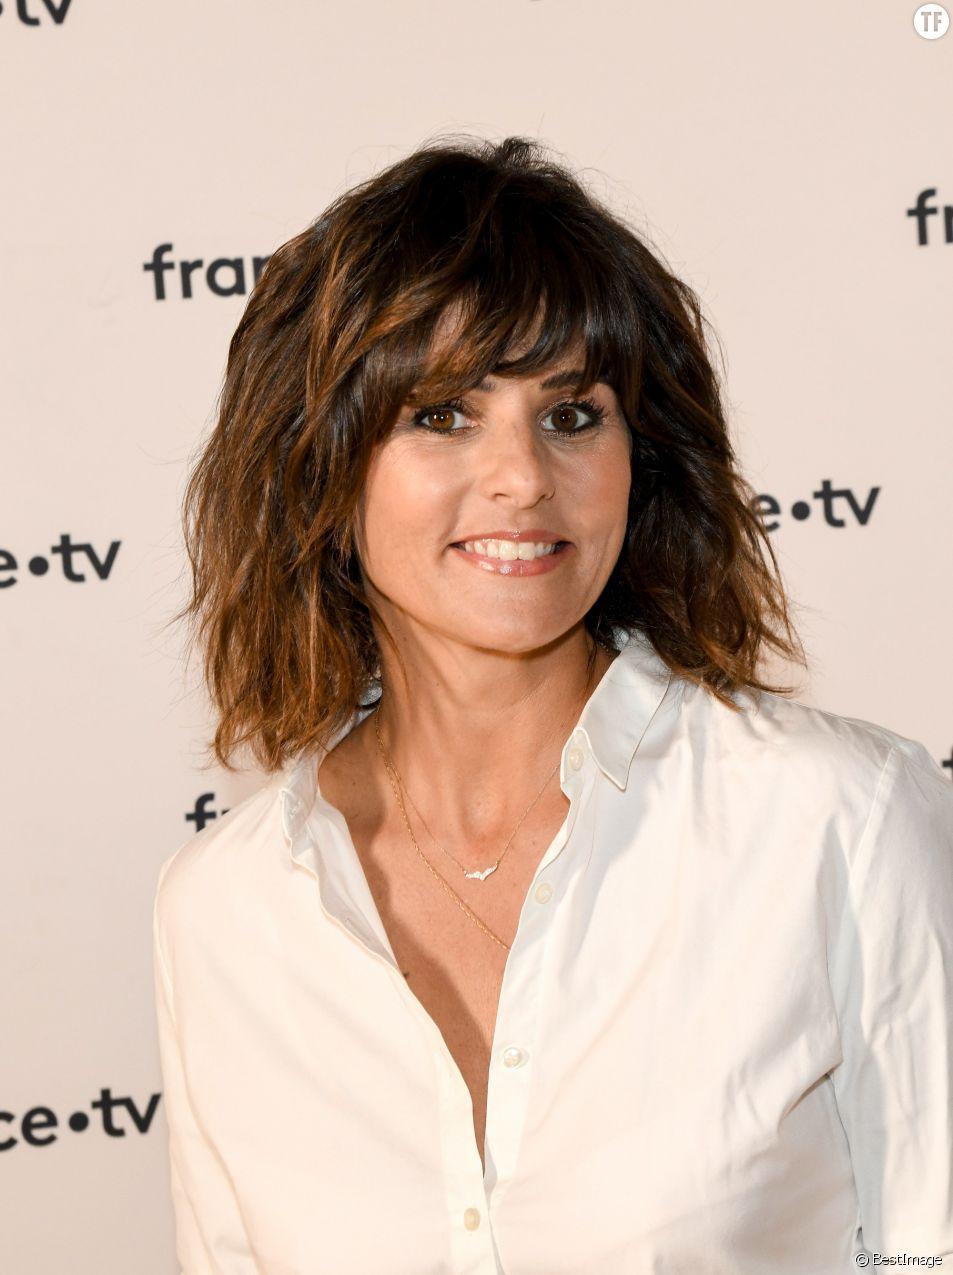 Faustine Bollaert dévoile les messages sexistes d'un fan : Twitter s'indigne